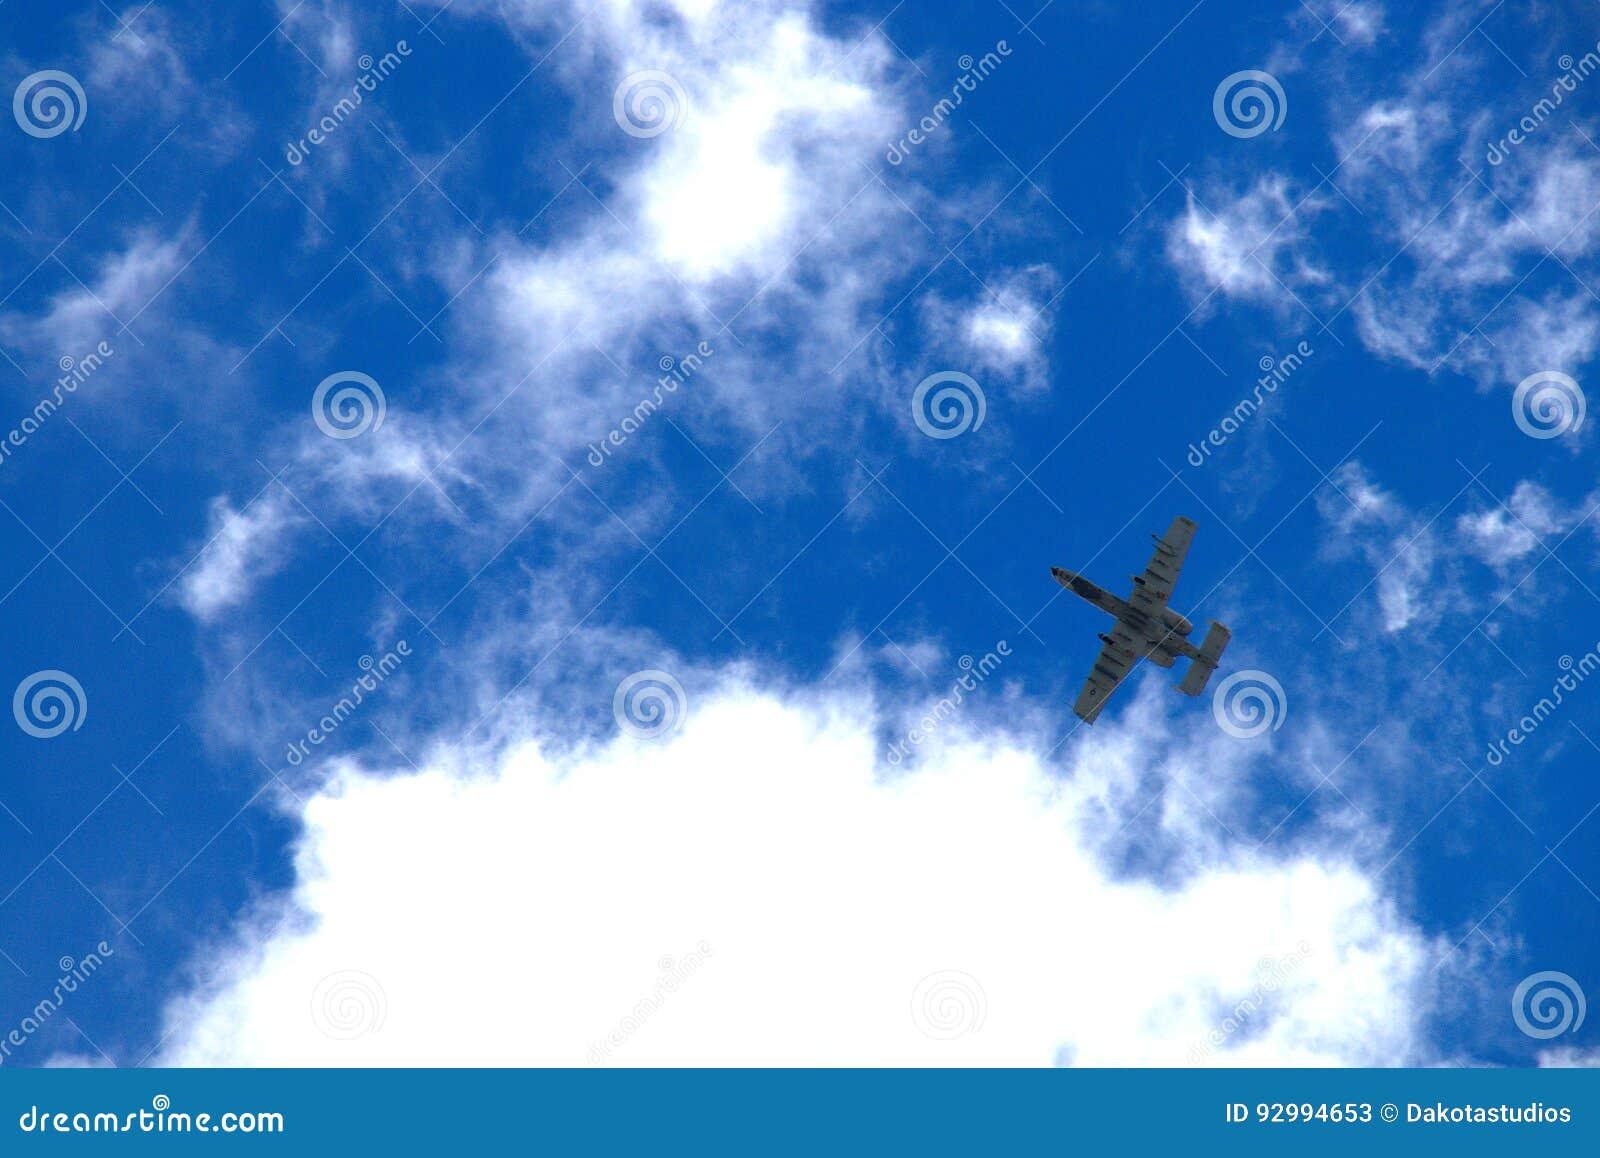 A-10 Warthog Flyover